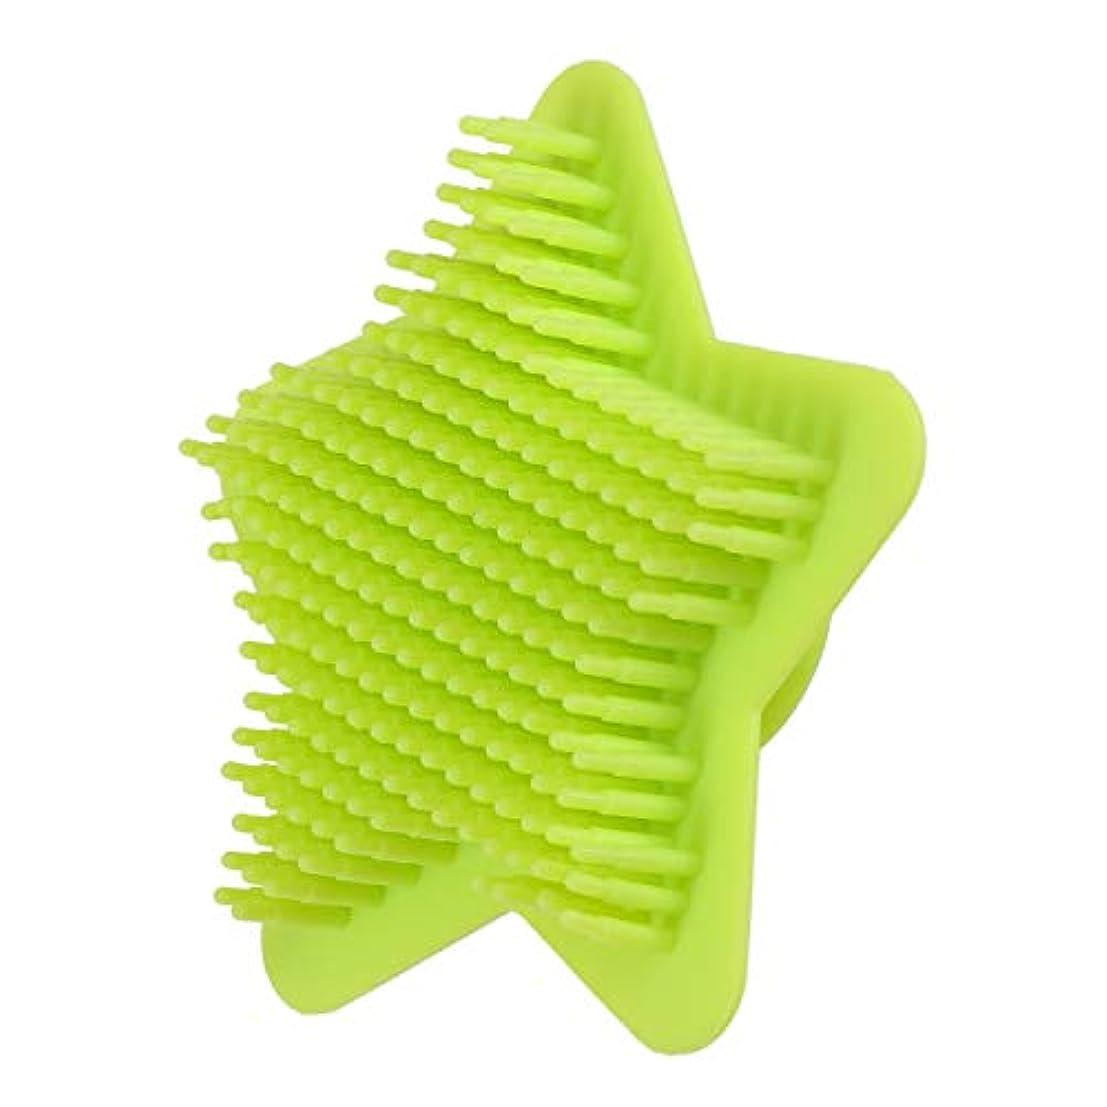 スリチンモイサンダル手段Healifty シリコンボディスクラバーヘアシャンプーブラシスカルプソフトマッサージスクラバーブラシシャワーバスブラシ(グリーン)